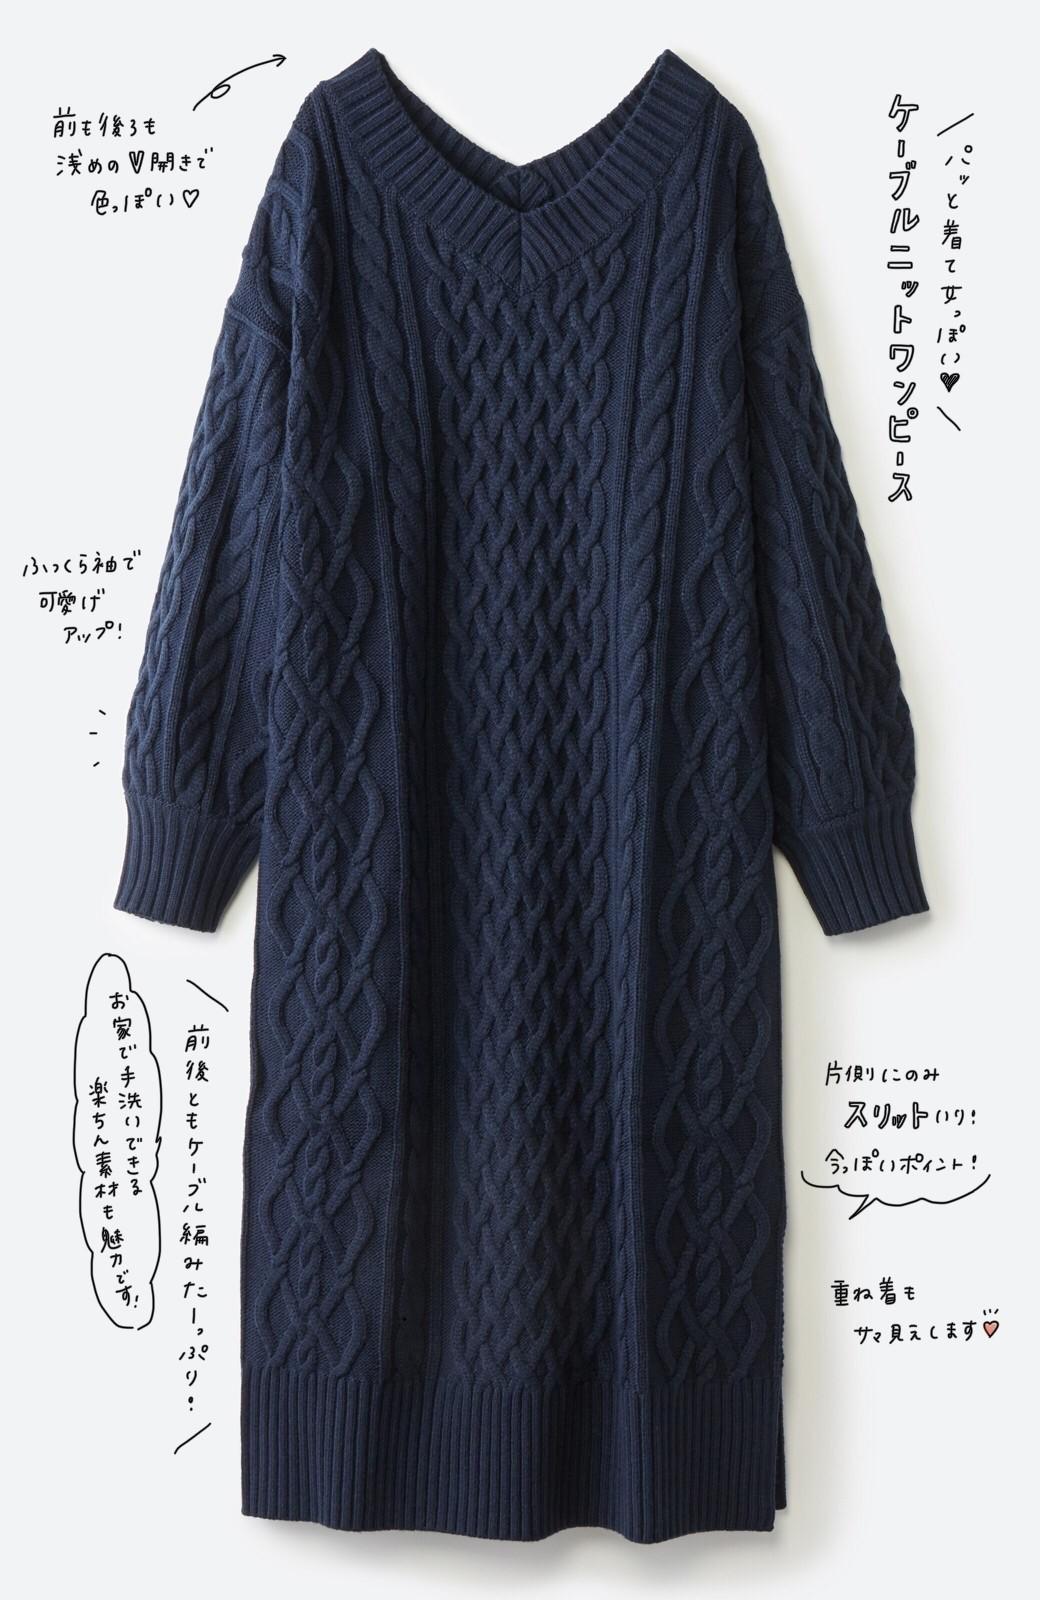 haco! パッと着て絶妙に女っぽい 重ね着にも便利なケーブルニットワンピース <ネイビー>の商品写真2